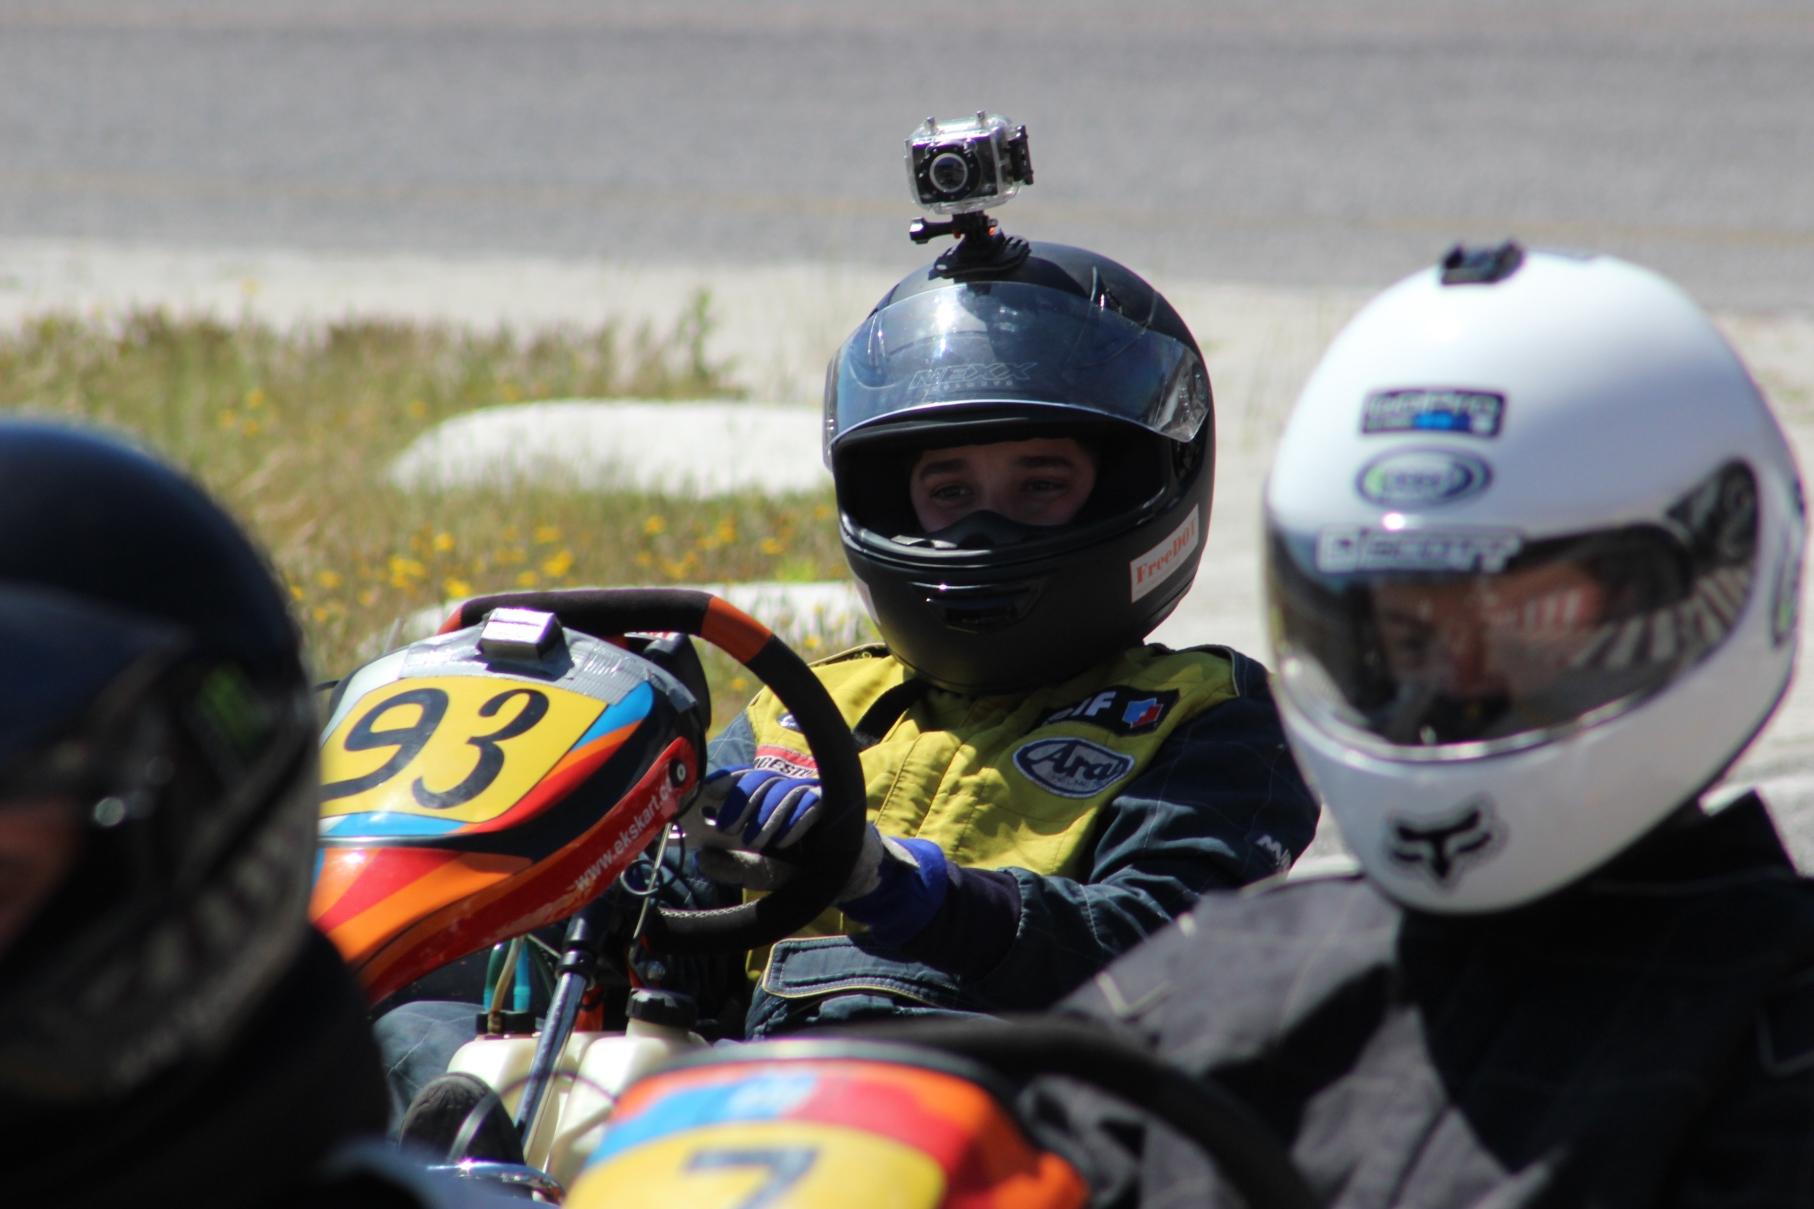 Troféu Honda 2014 - 1ª Prova18